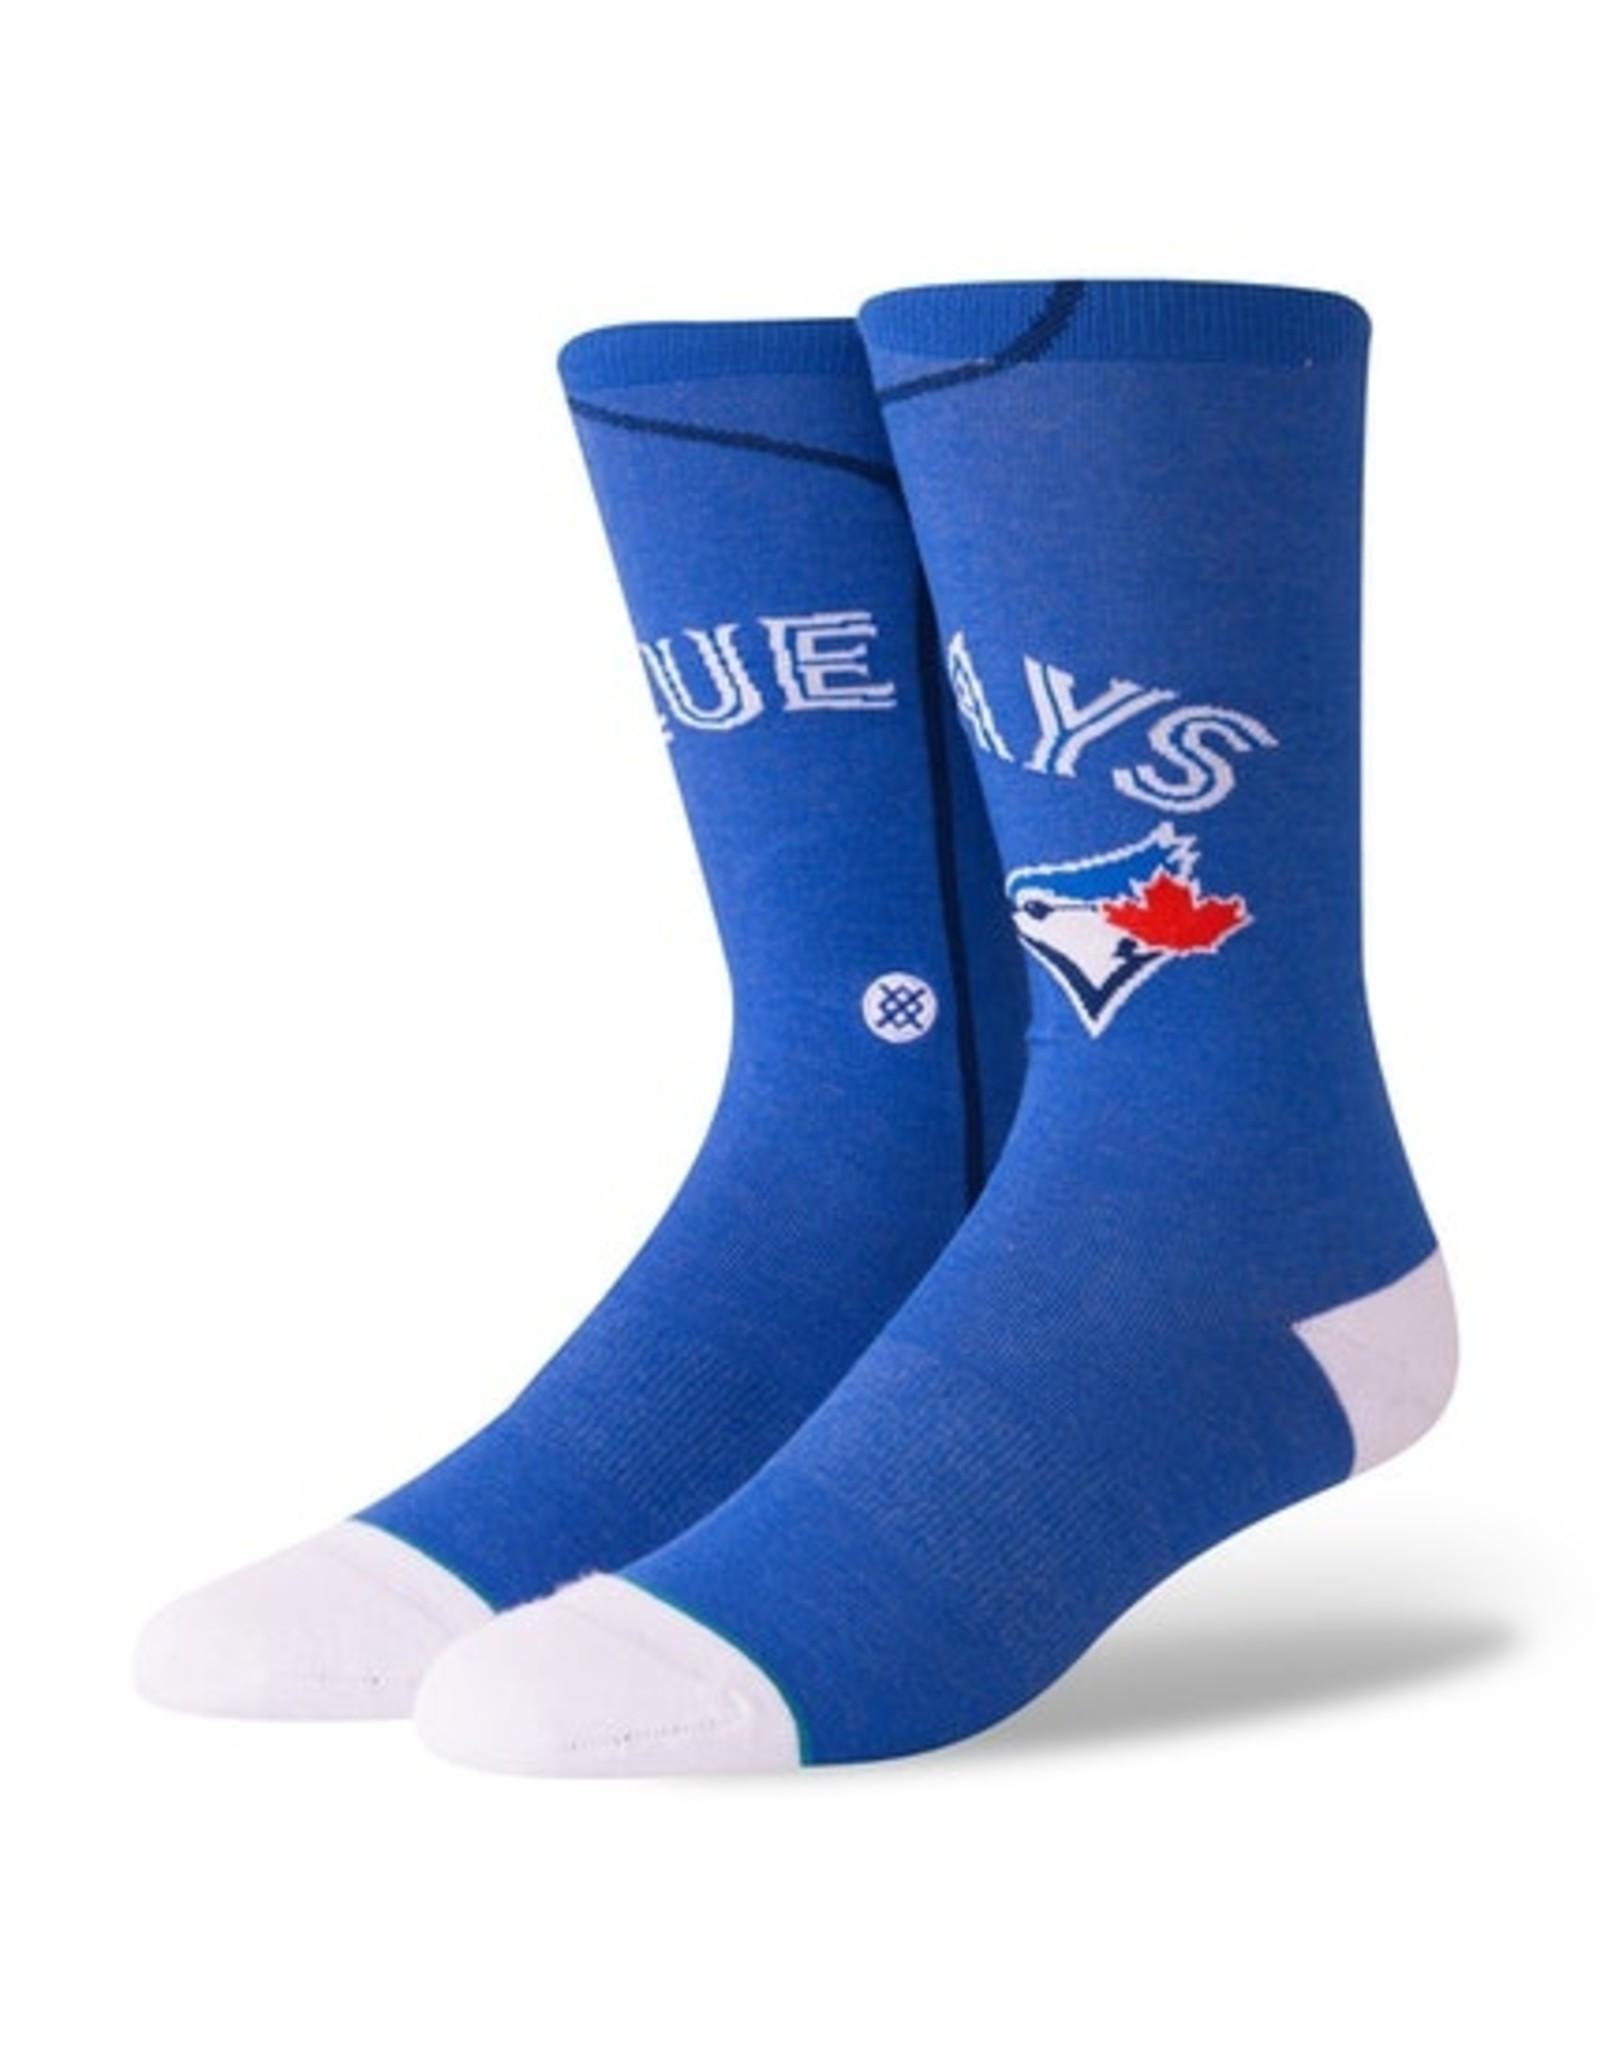 Stance Alternate Jersey Sock Toronto Blue Jays Blue Socks